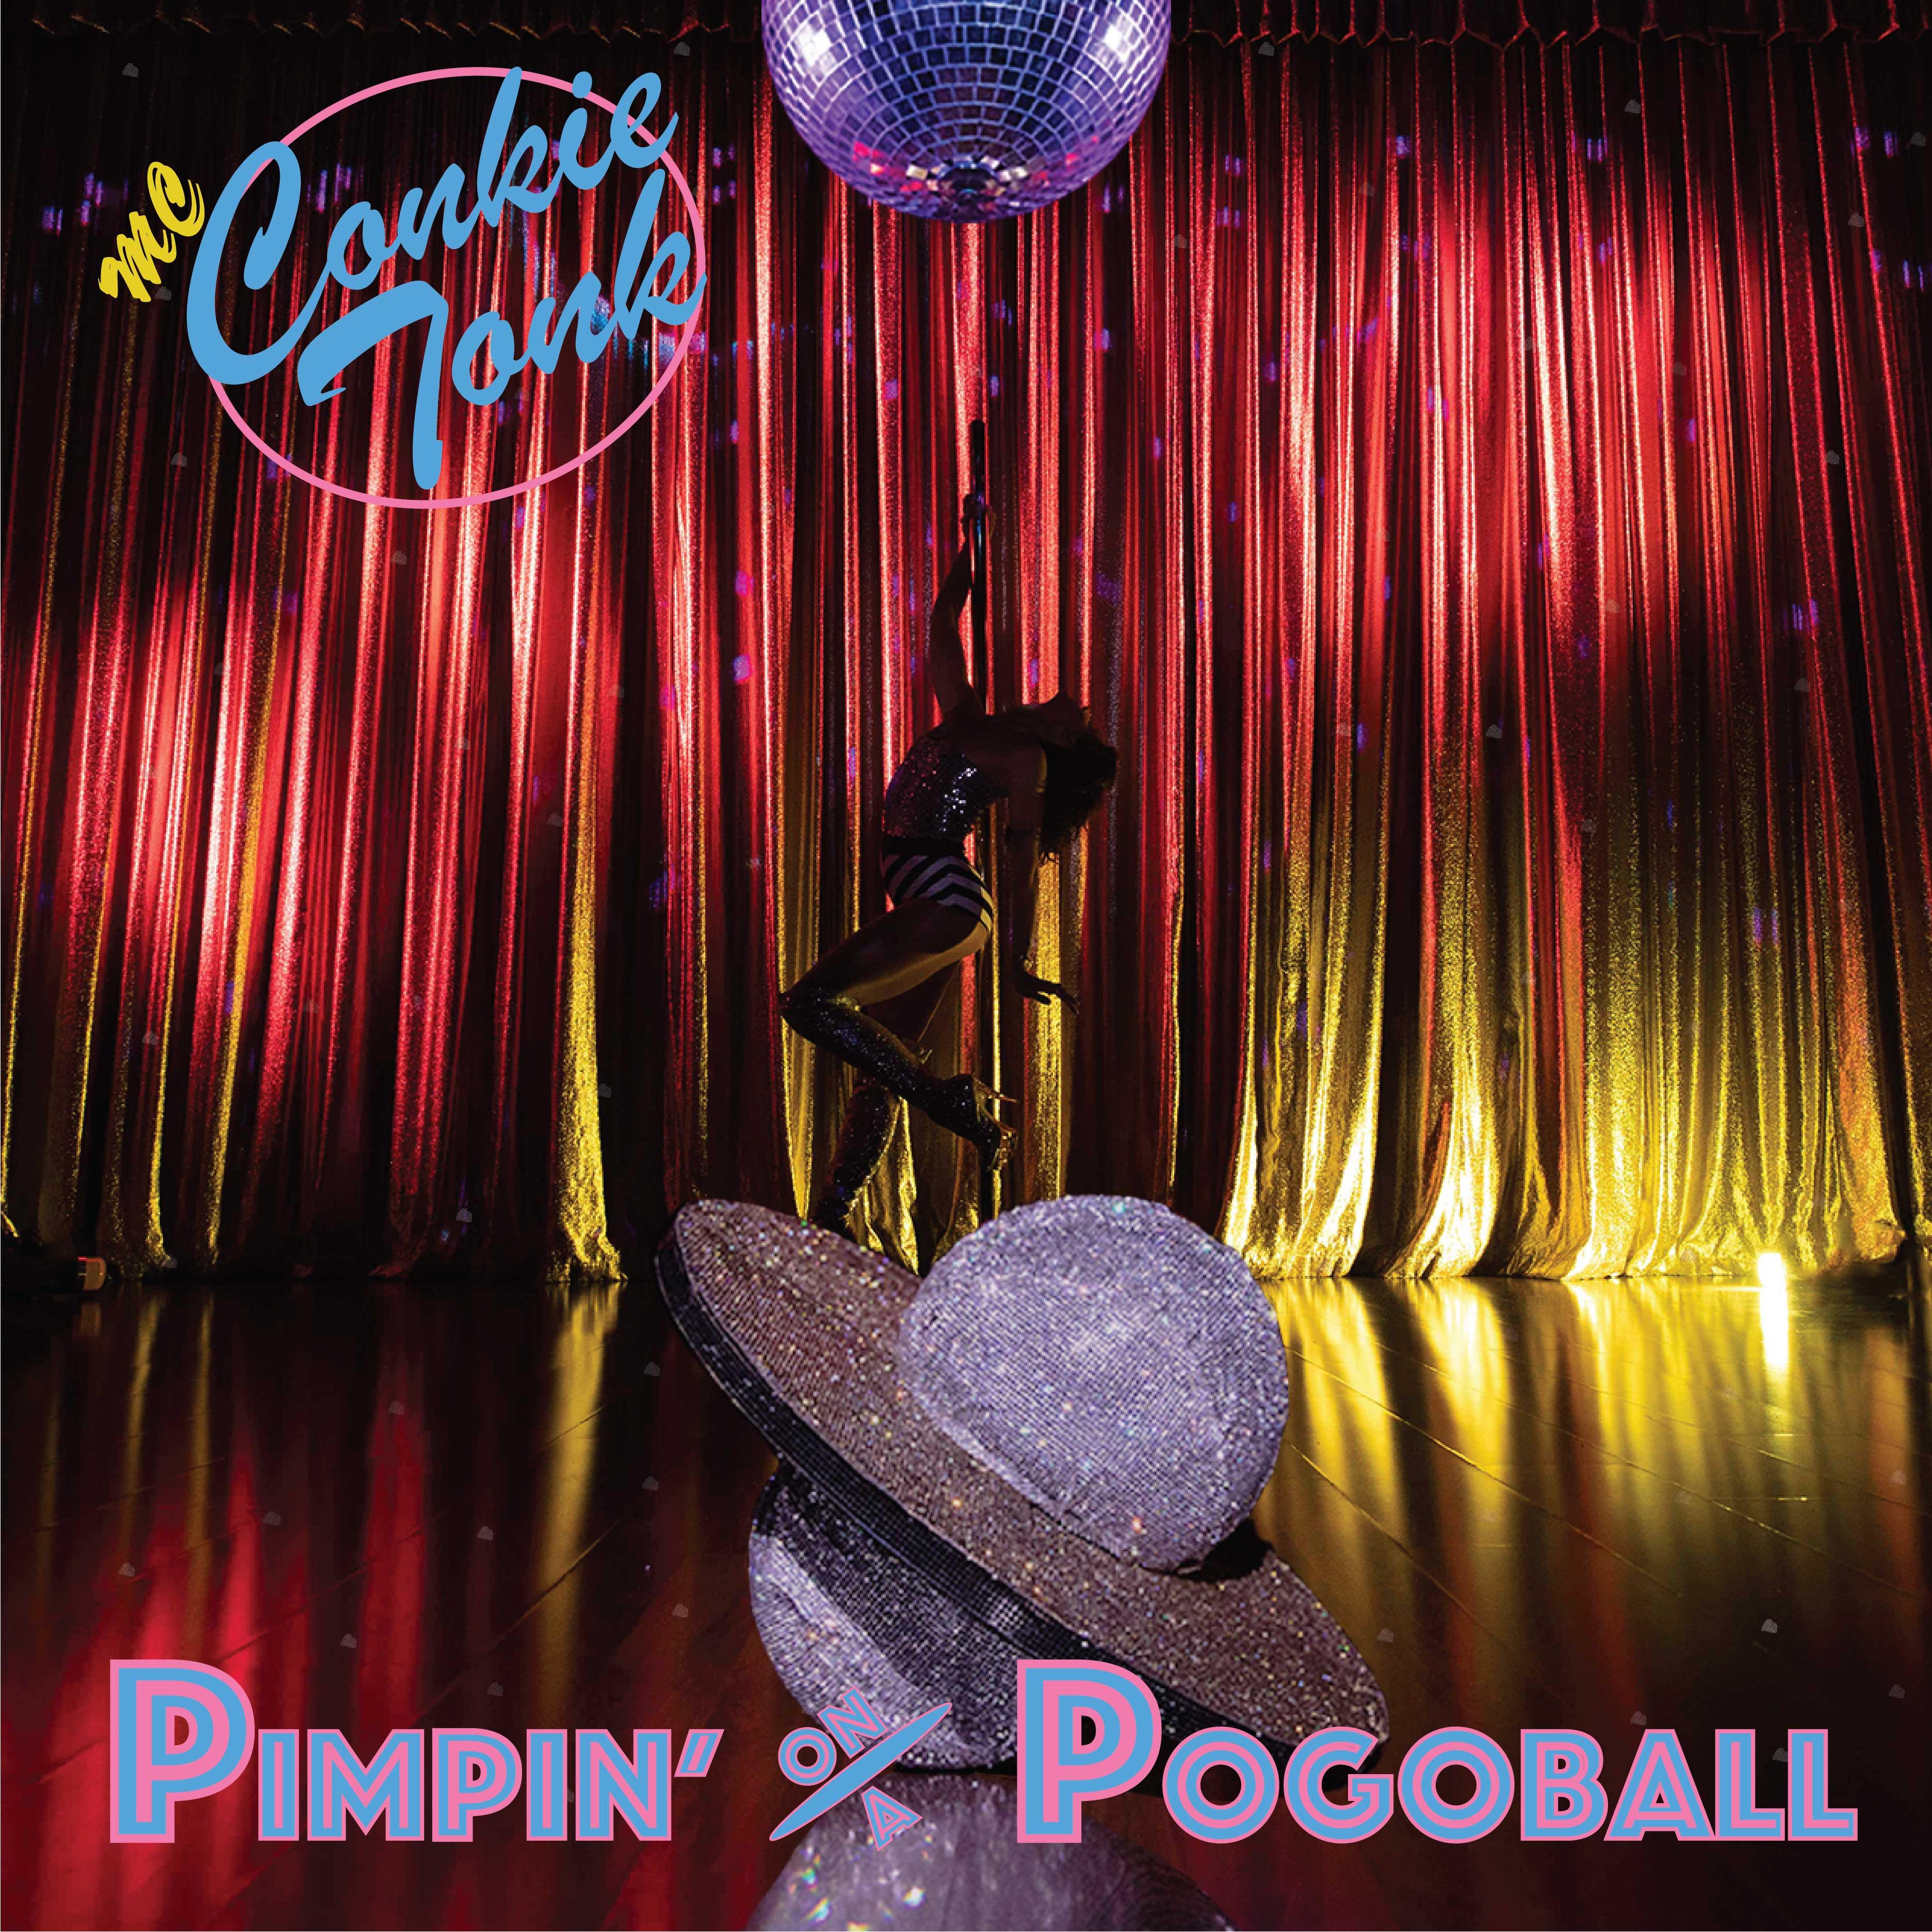 Pogoball-cover-1